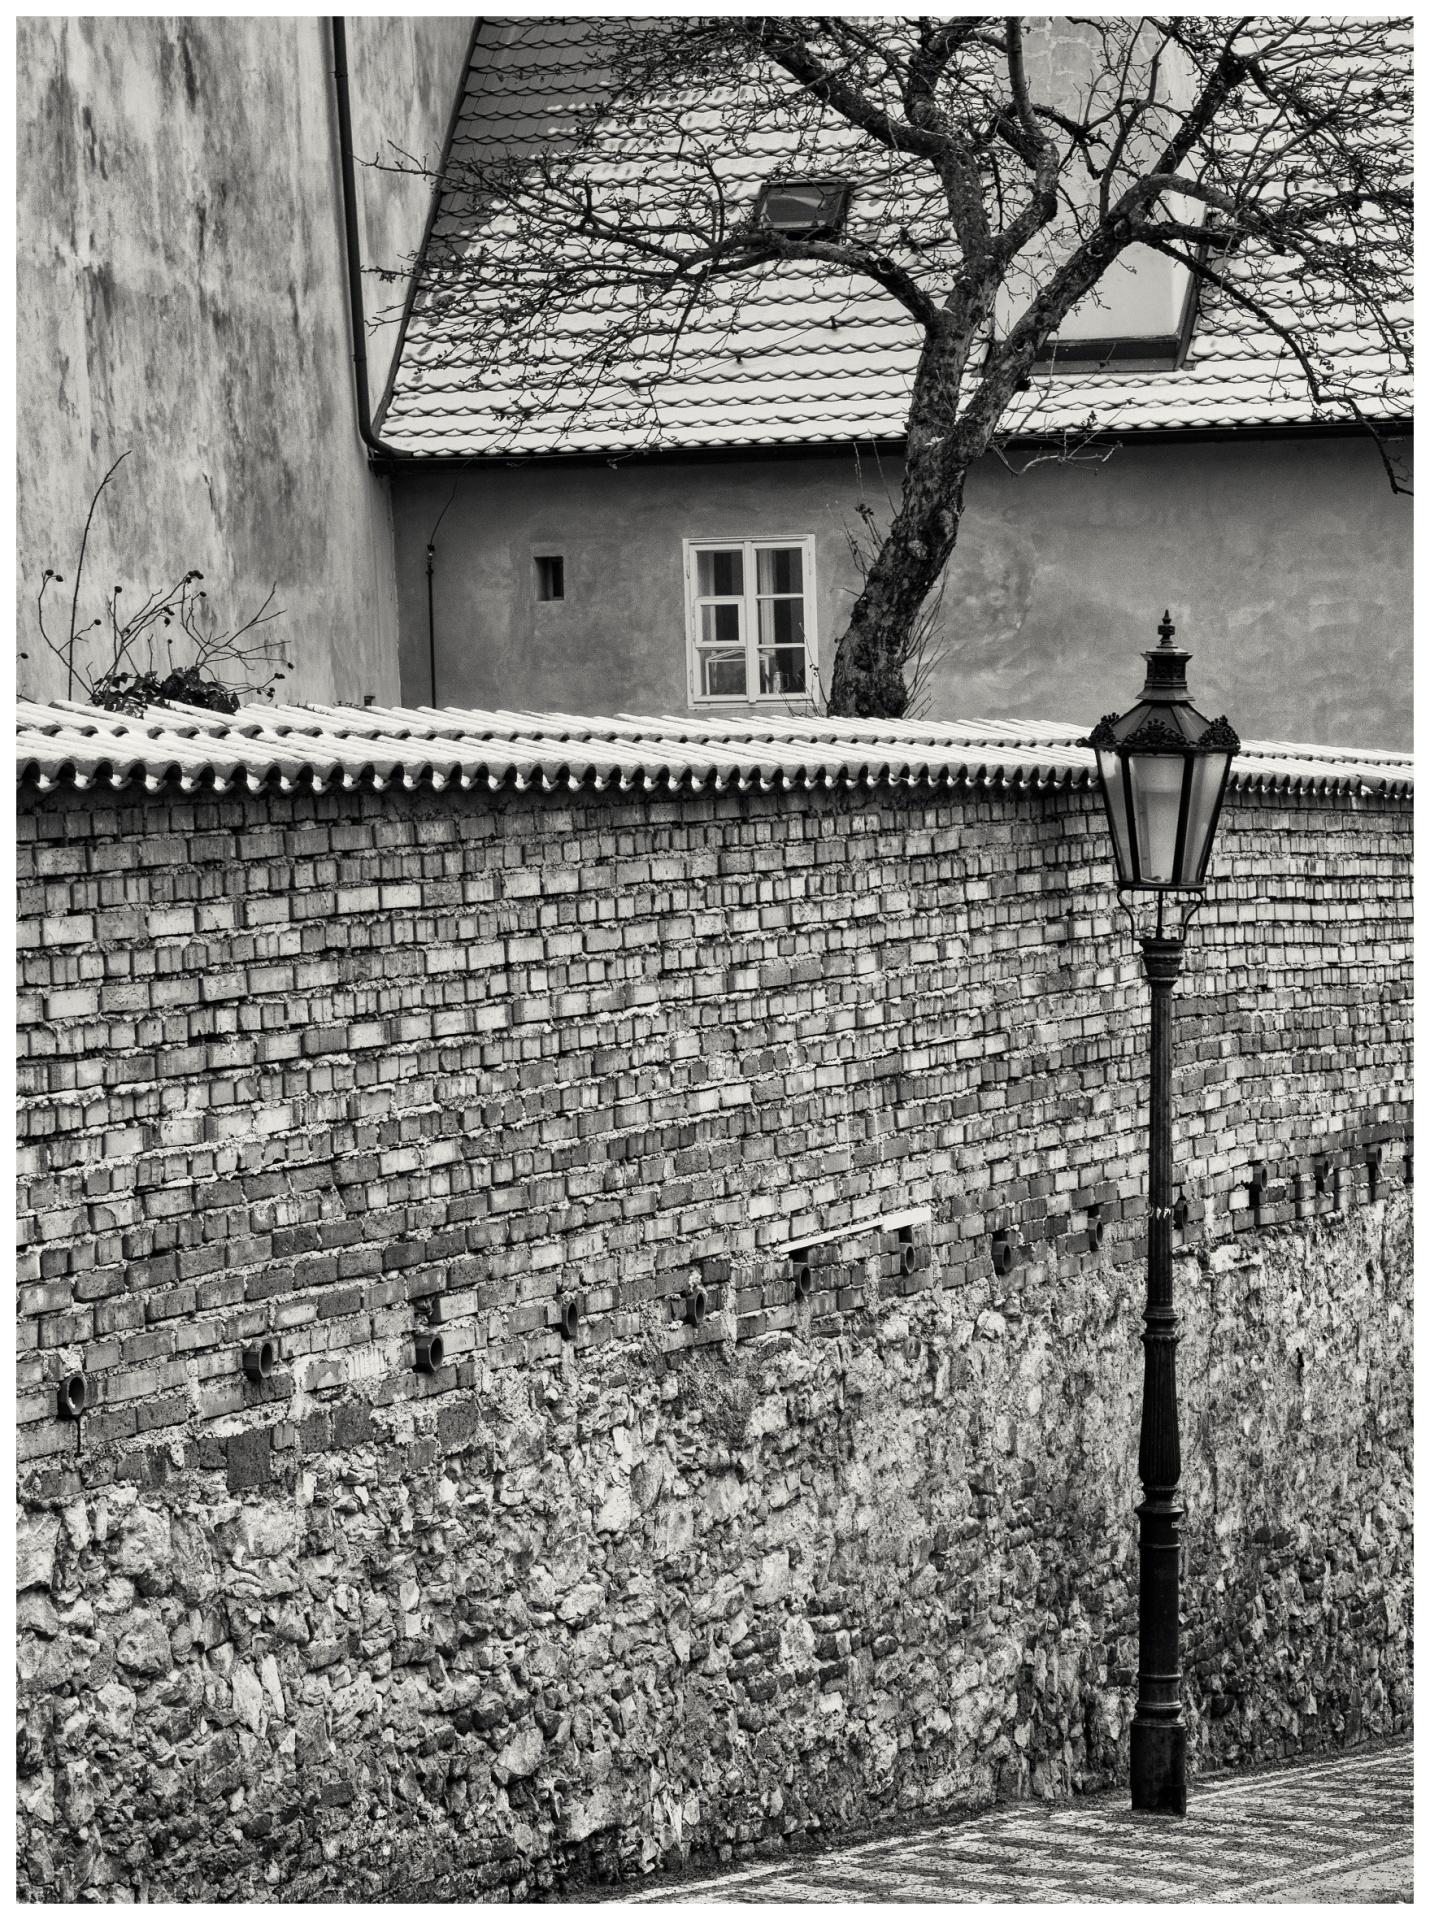 Pražské fragmenty/Prague Fragments © Stanislav Pokorný: Úvoz/Uvoz